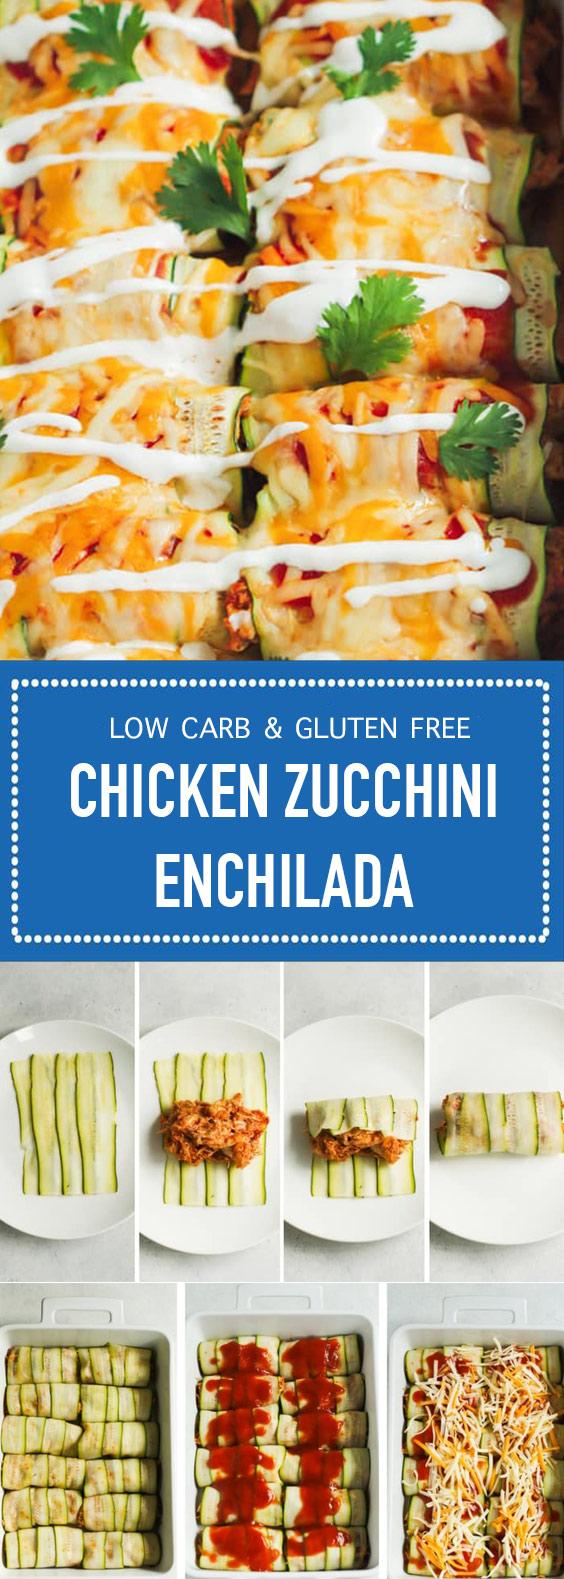 Chicken Zucchini Enchilada